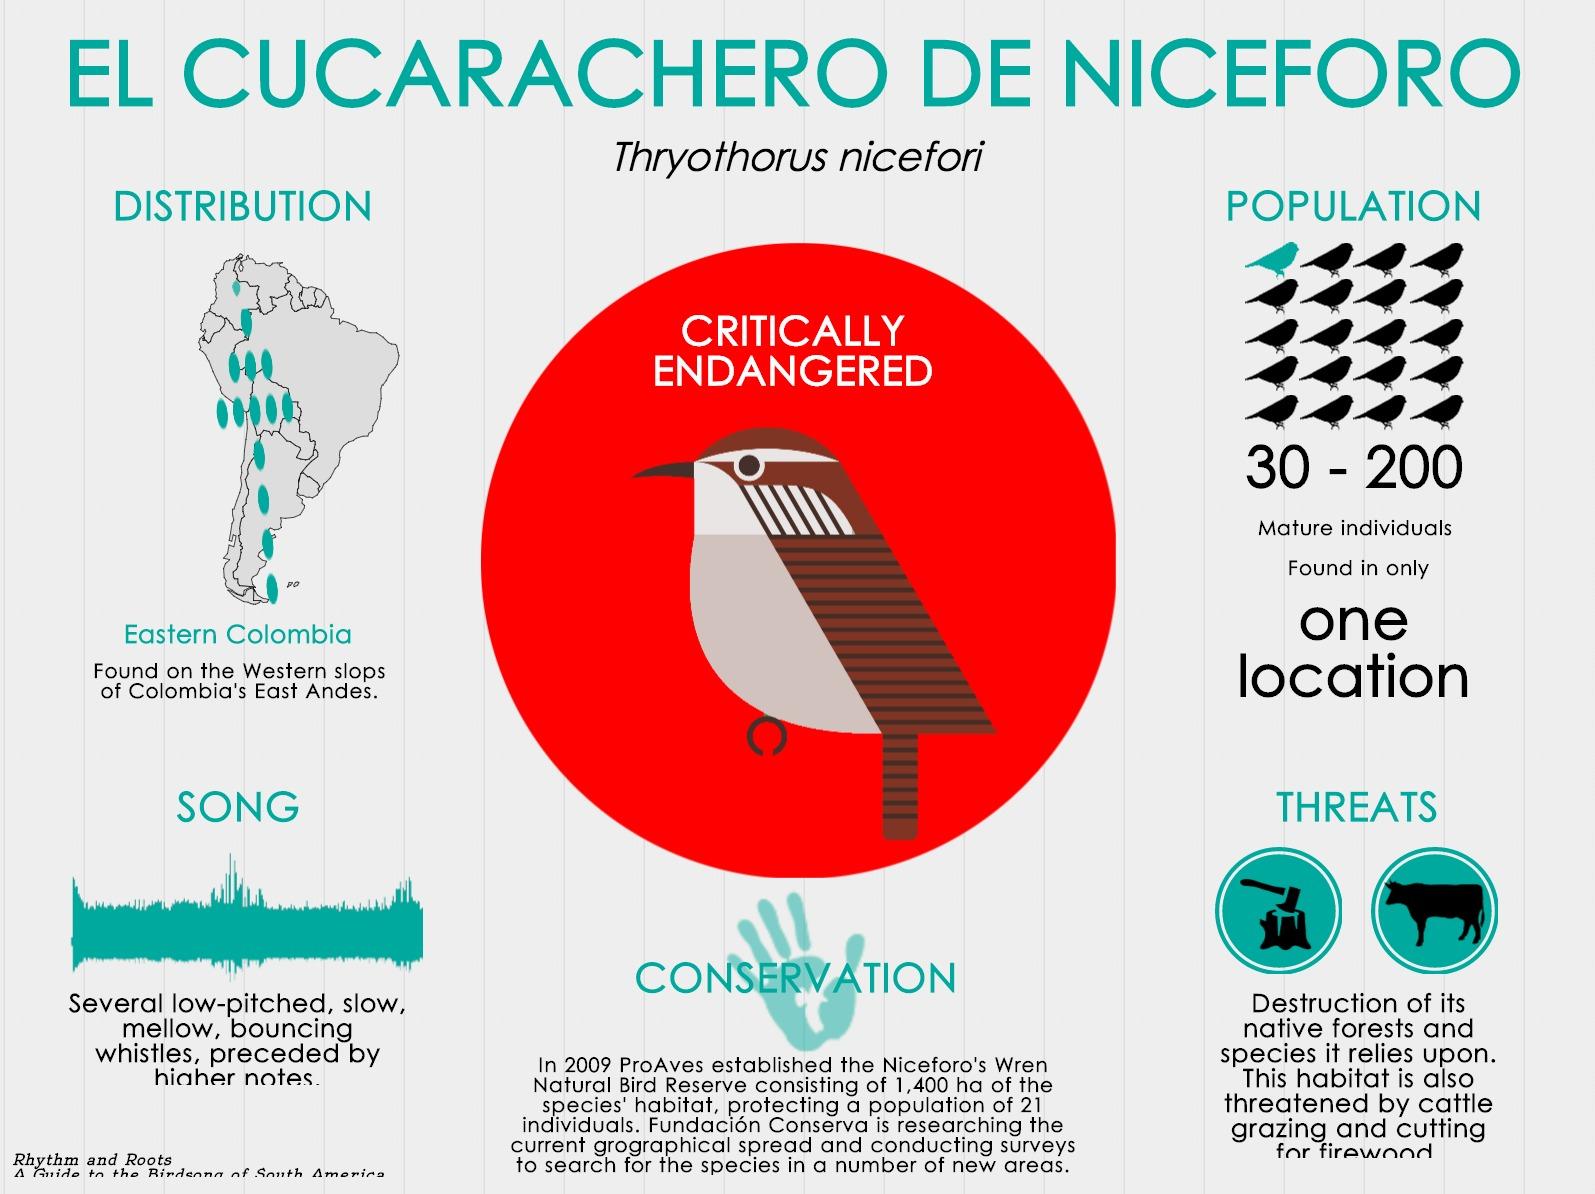 Cucarachero de Niceforo